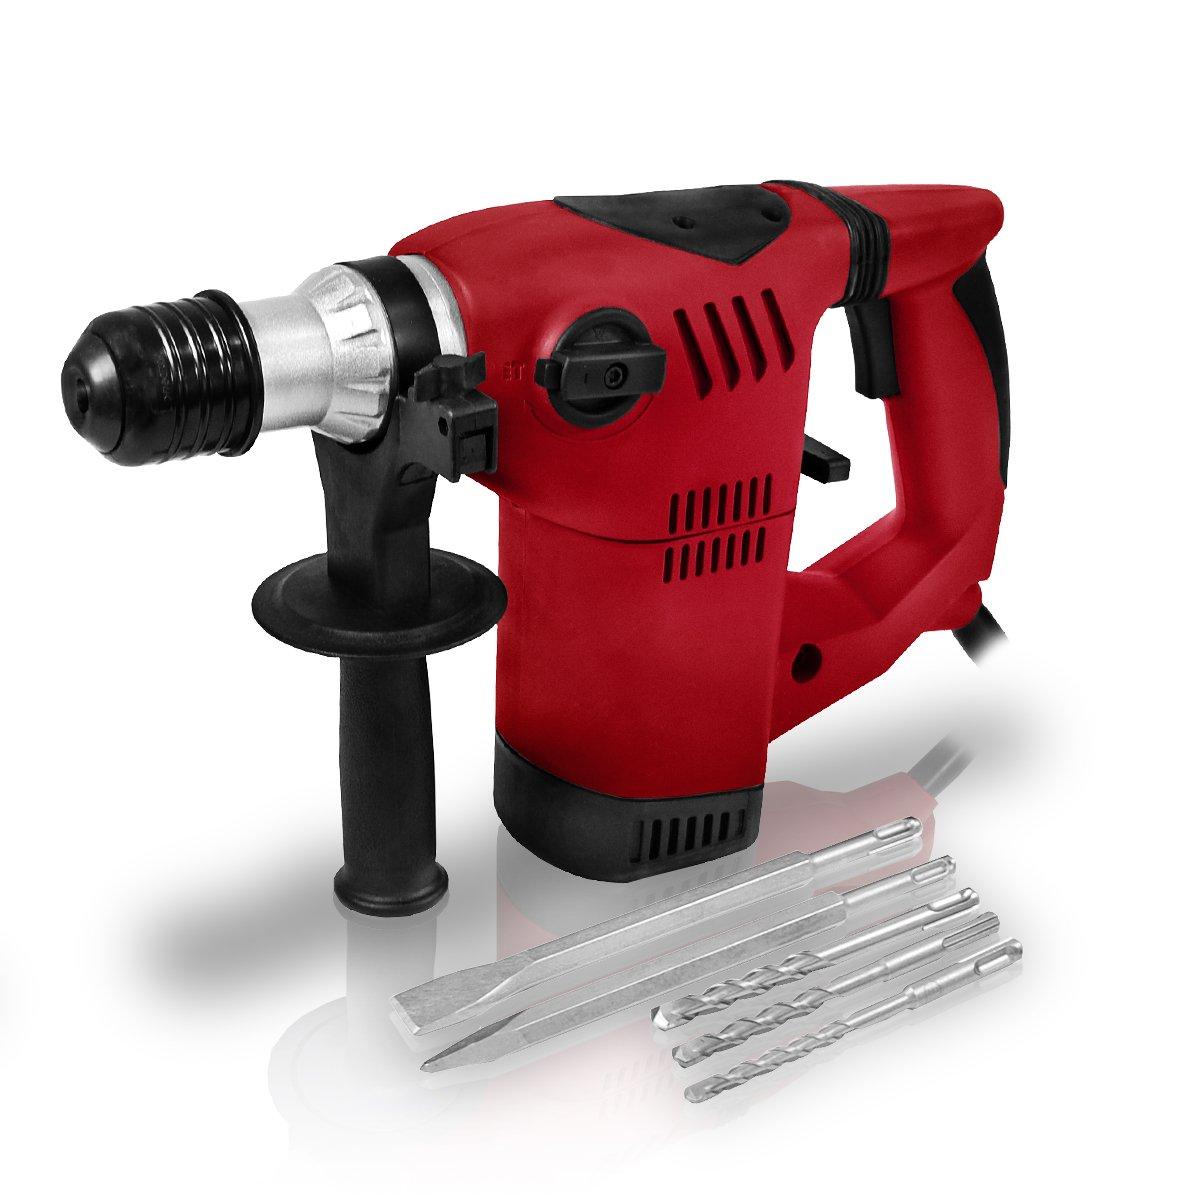 Berlan 1500 Watt SDS Bohrhammer inkl. Bohrer & Meißel  BaumarktKundenbewertung und Beschreibung